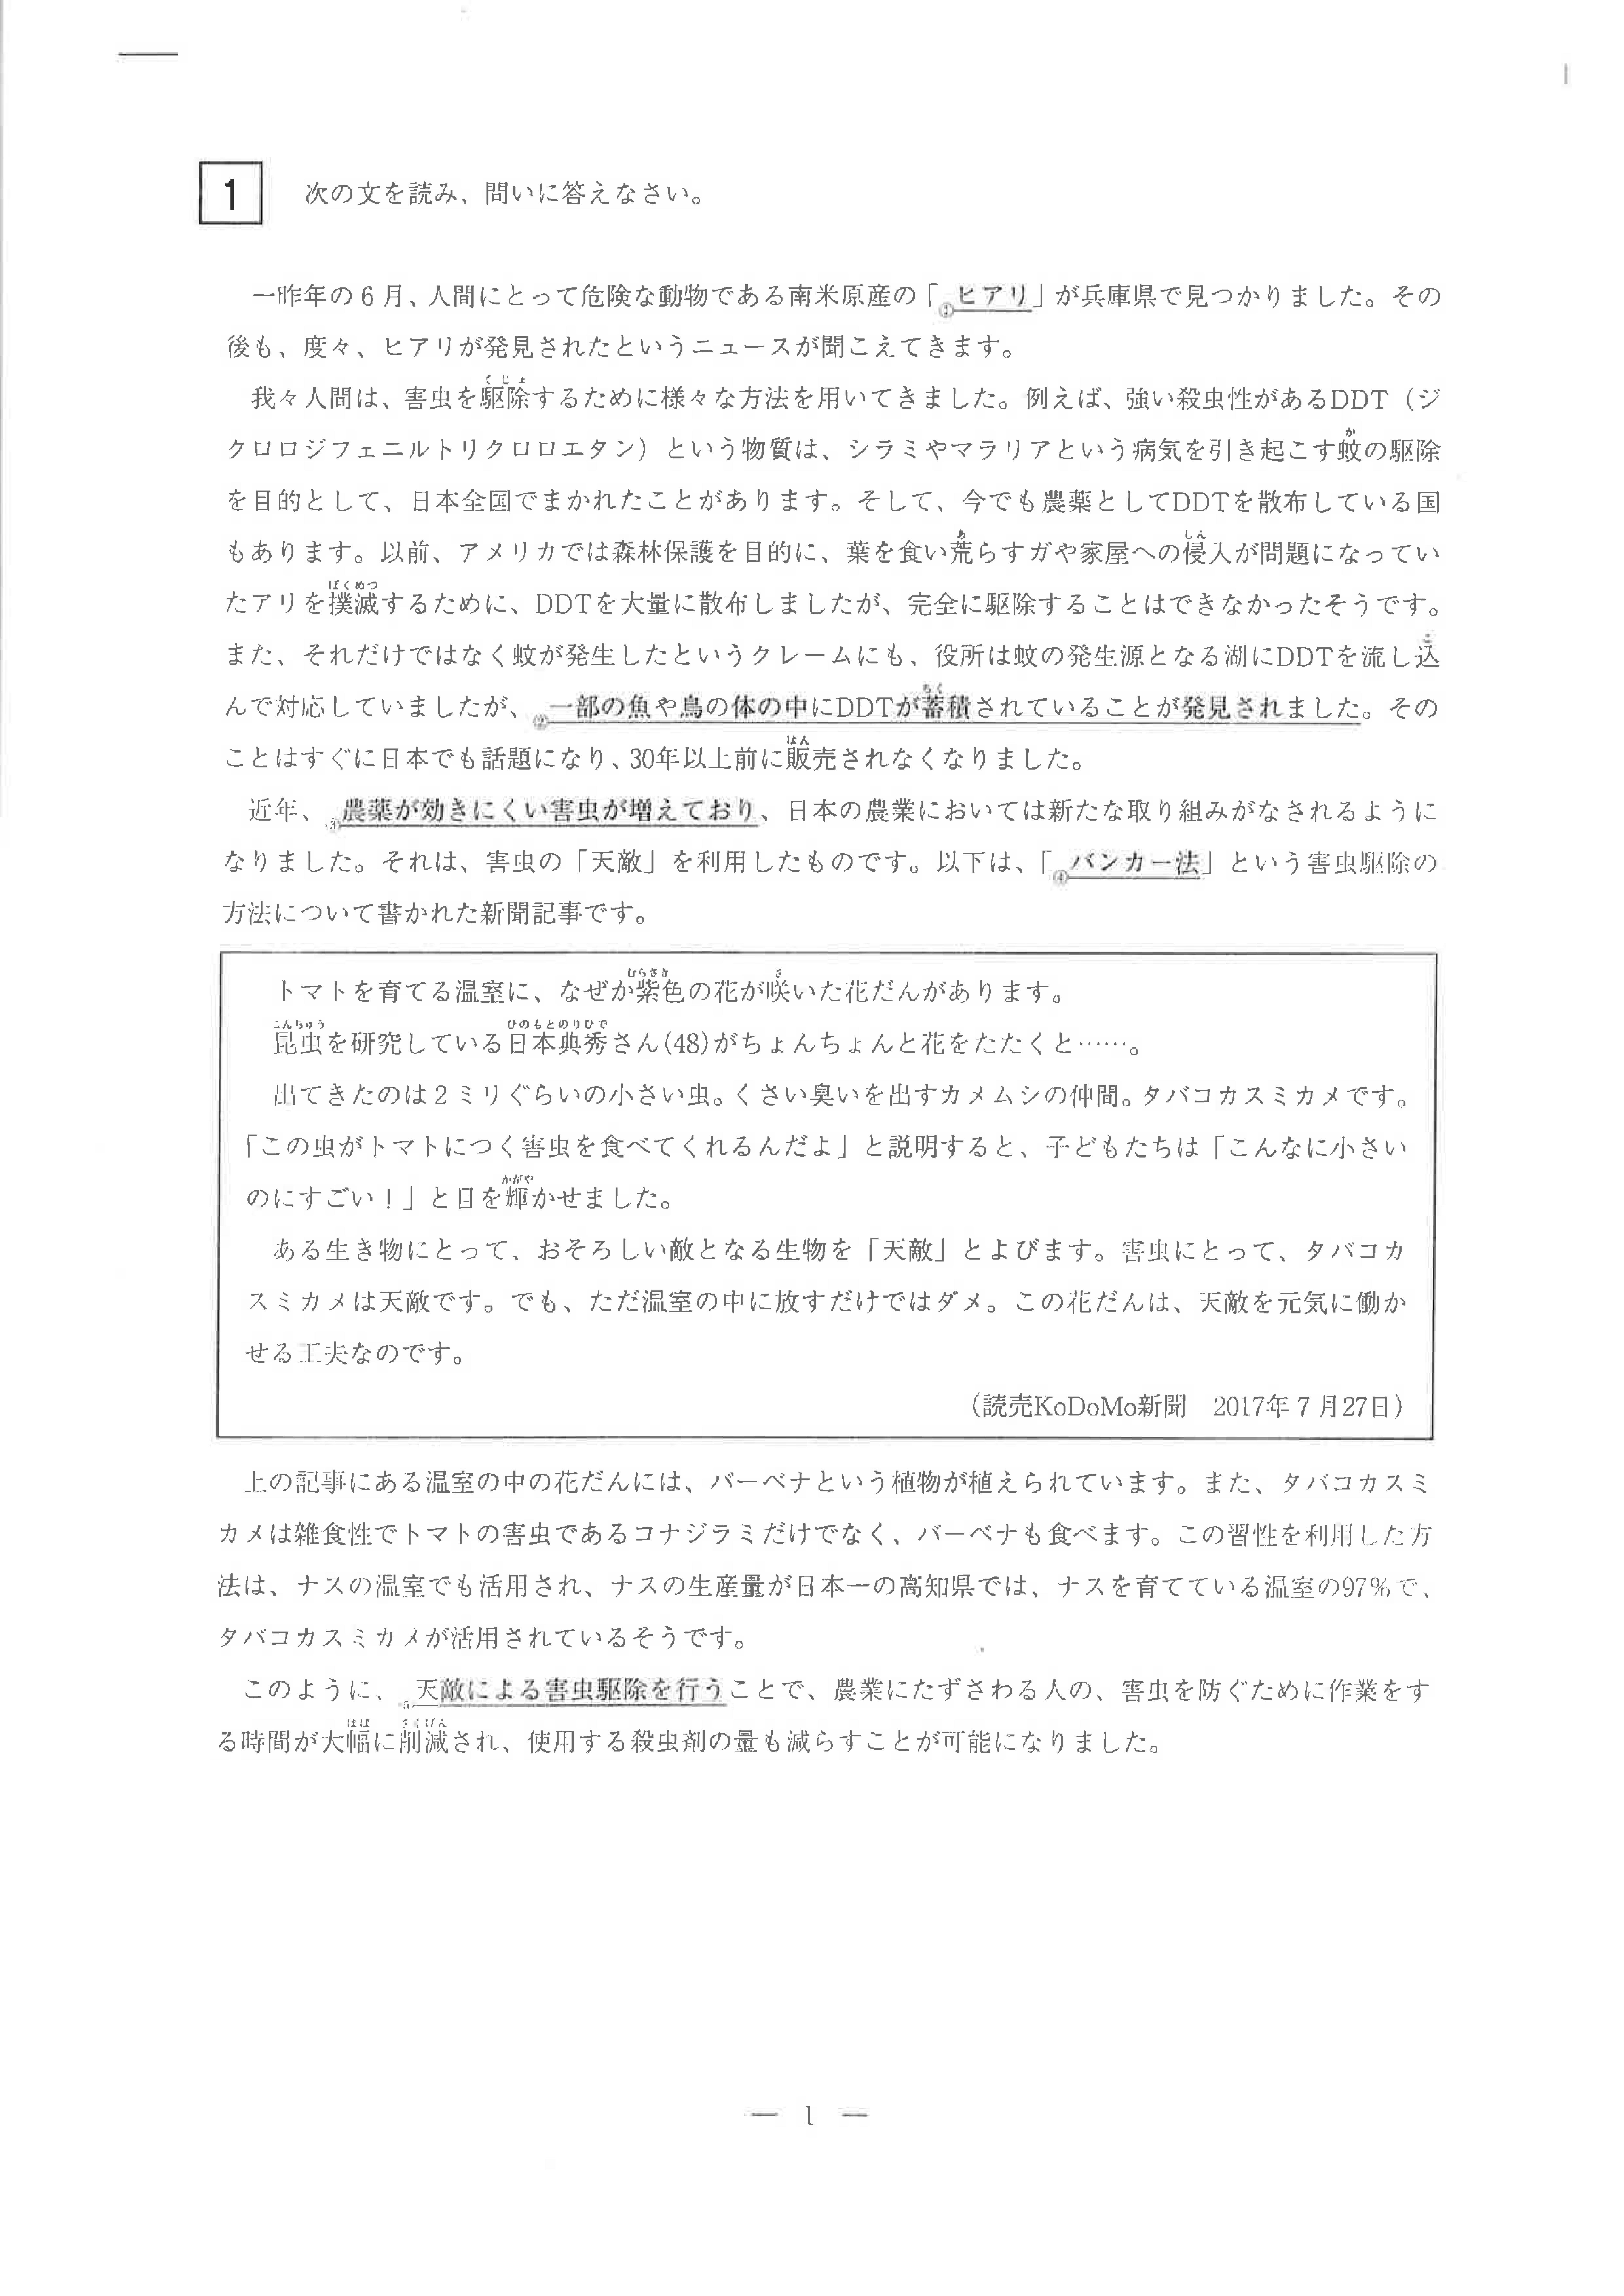 渋谷教育学園渋谷中学校 「害虫」問題